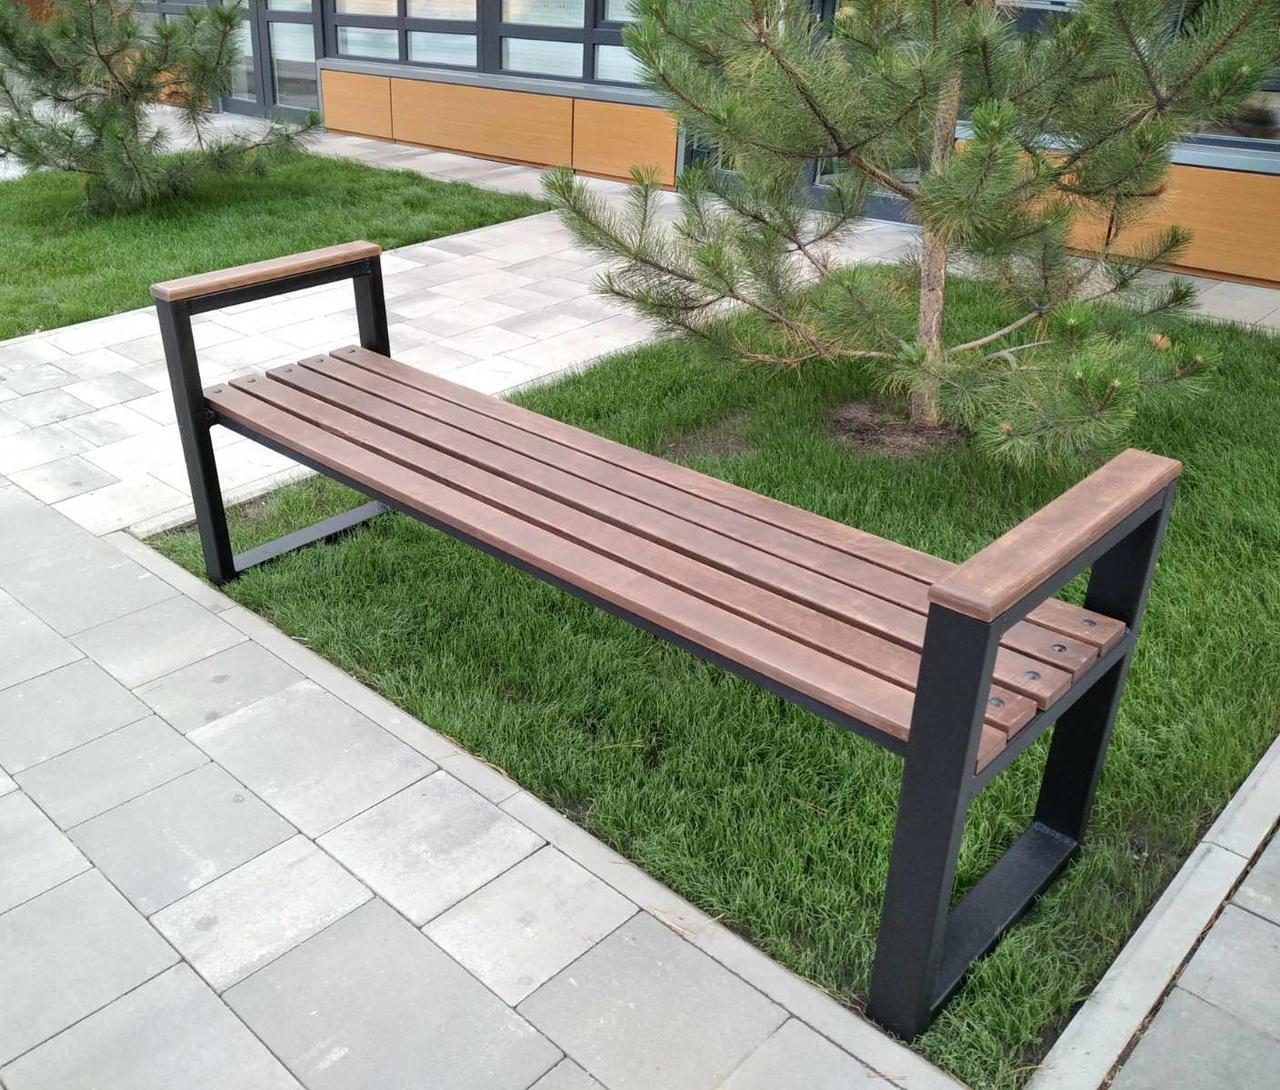 Лавочка парковая в стиле LOFT 2м DiVa05 скамья лавочка садовая скамейки